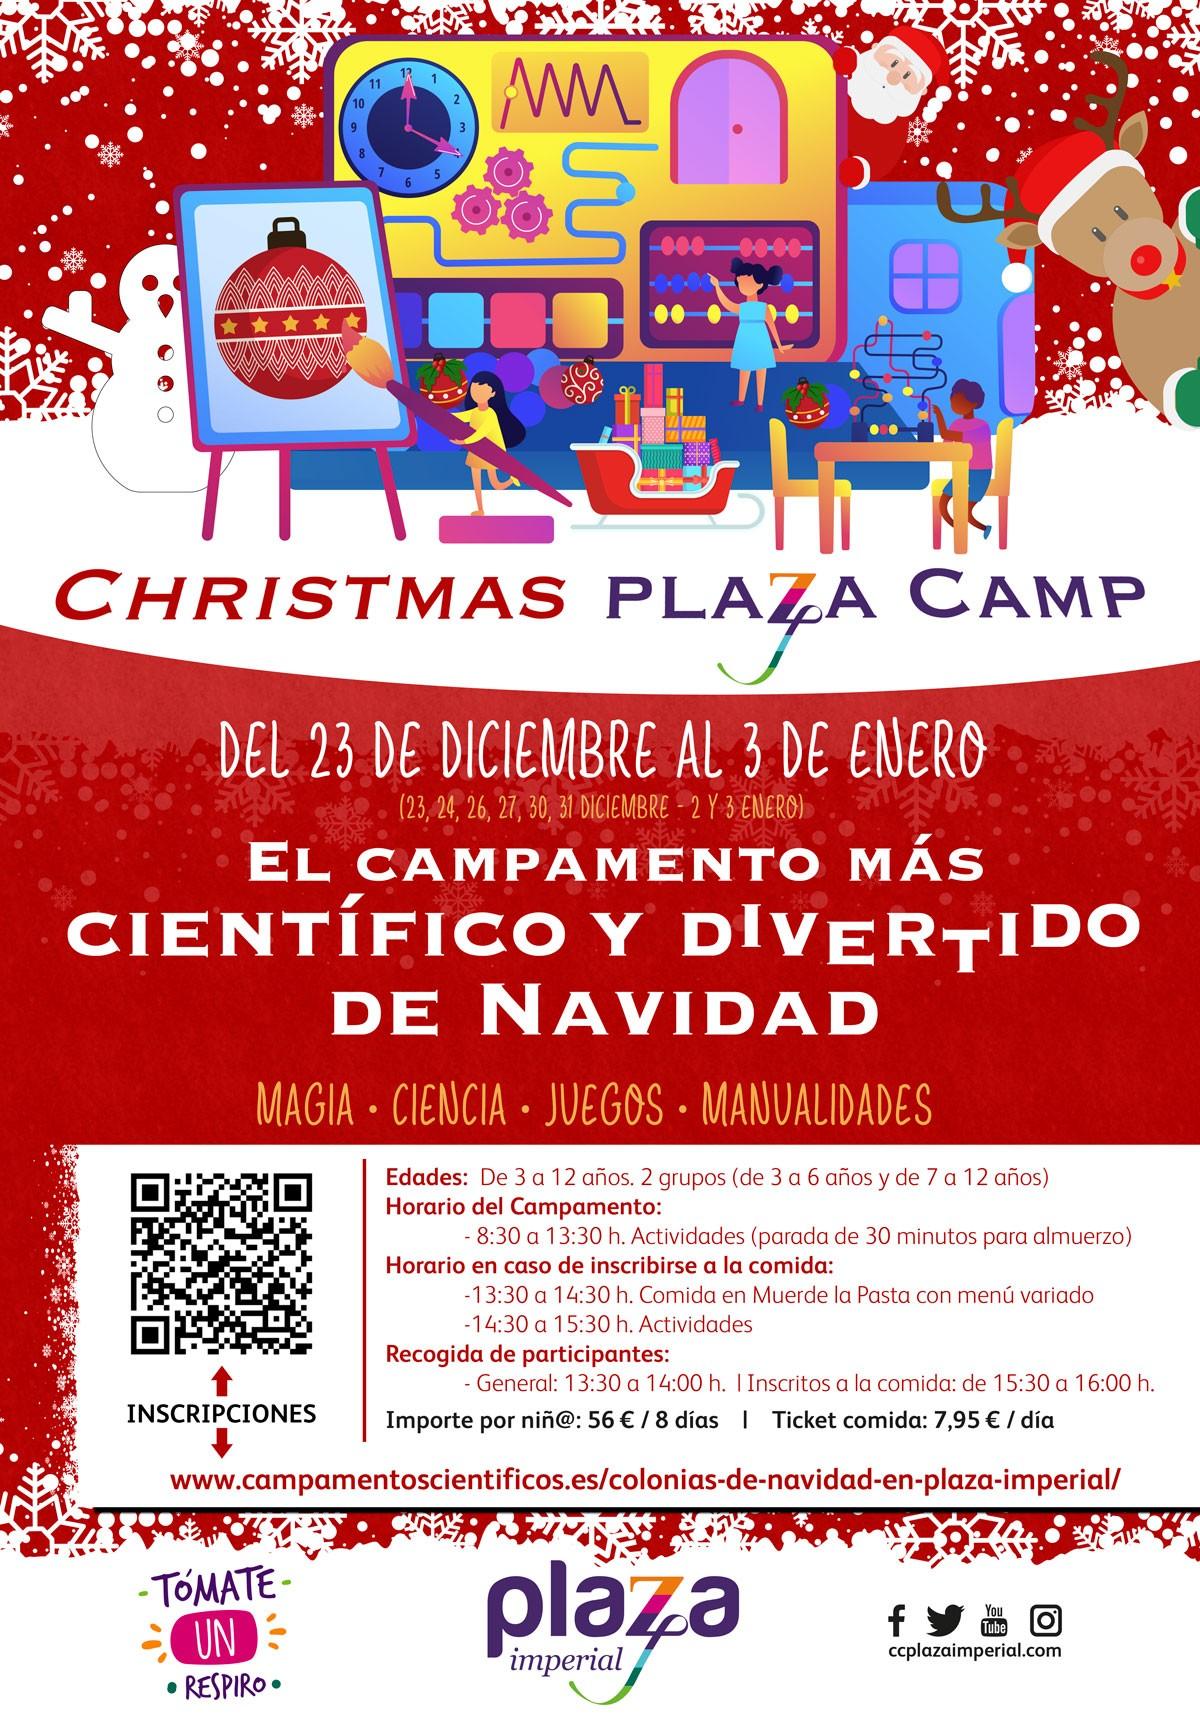 campamento-navidad-Plaza-imperial